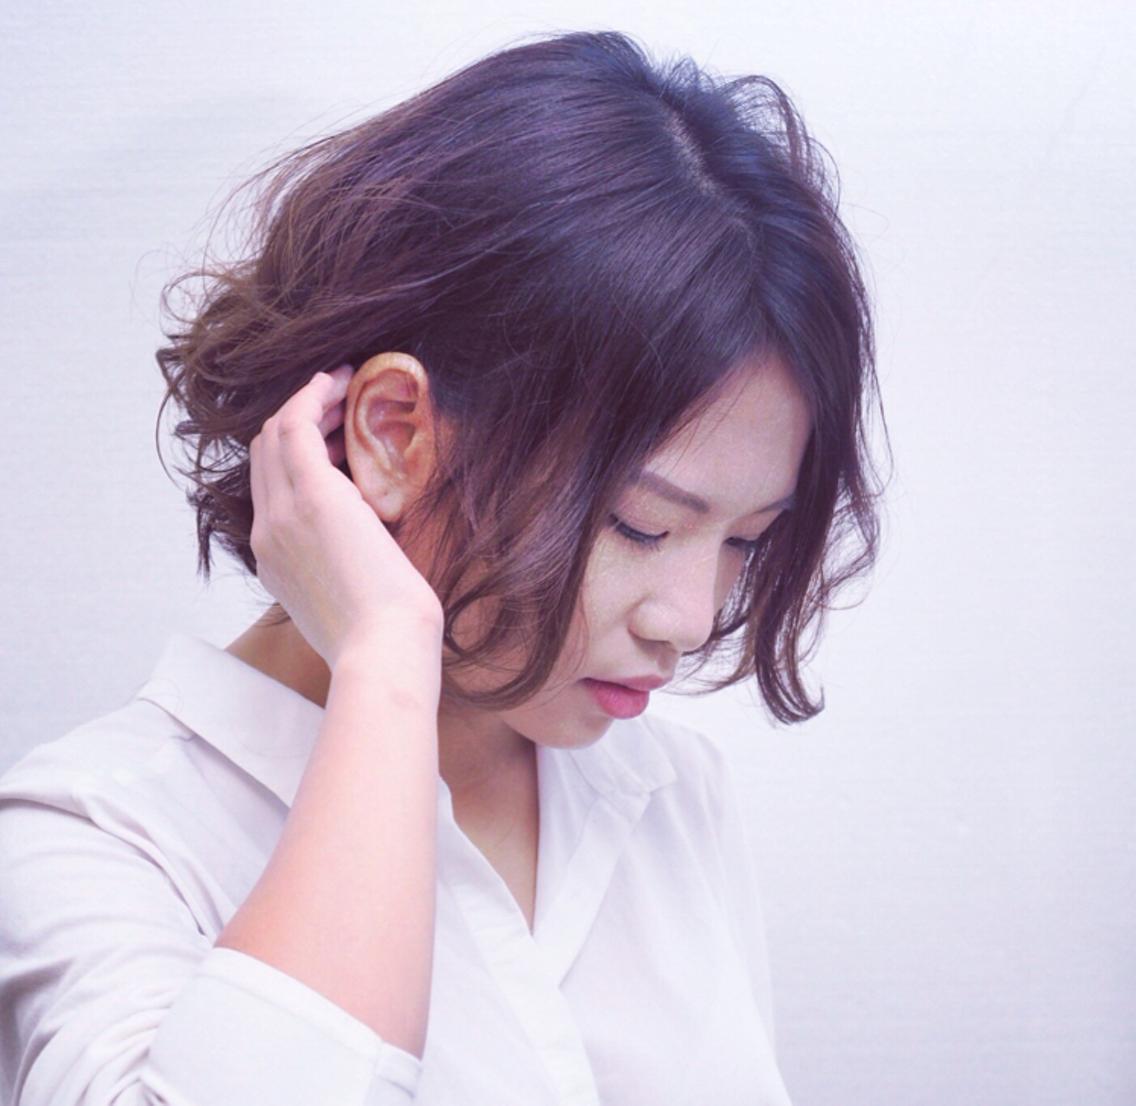 【北千住】平日の女性撮影モデル、メンズカットモデルを募集しています!お気軽にどうぞ(^^)